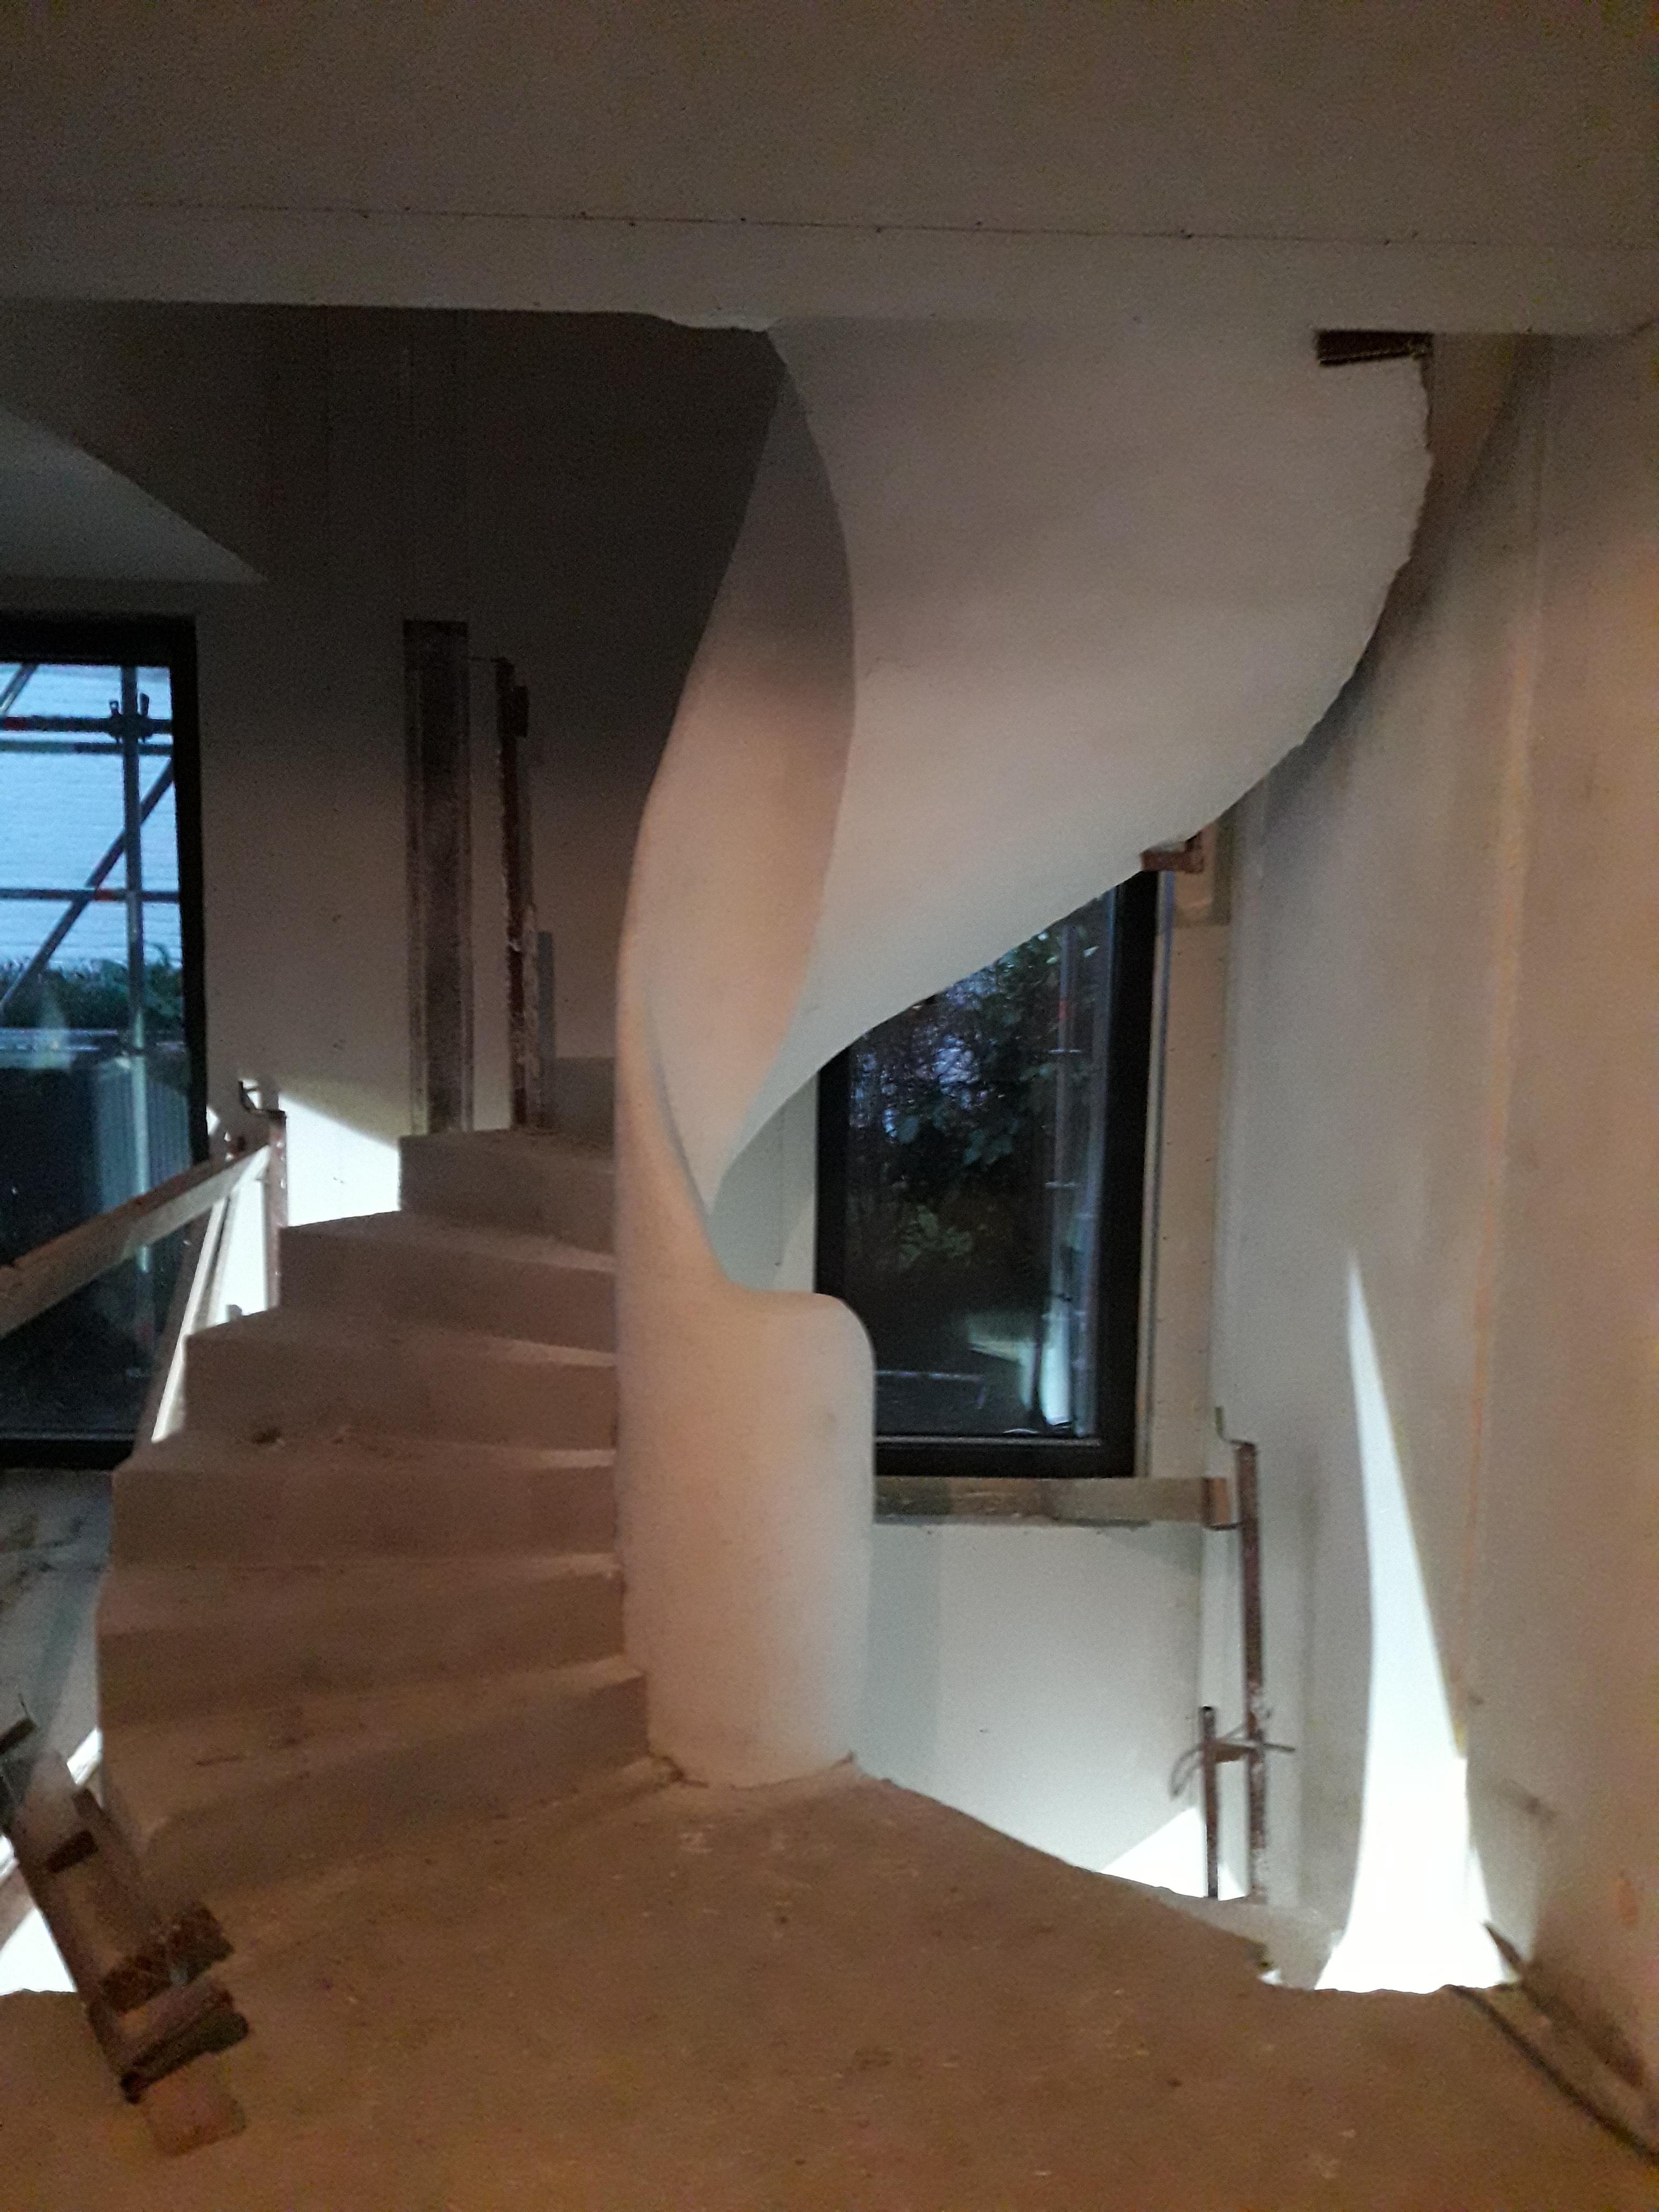 audacieux  escalier en colimaçon avec une lumière centrale en rénovation  bruxelles  pour un constructeur